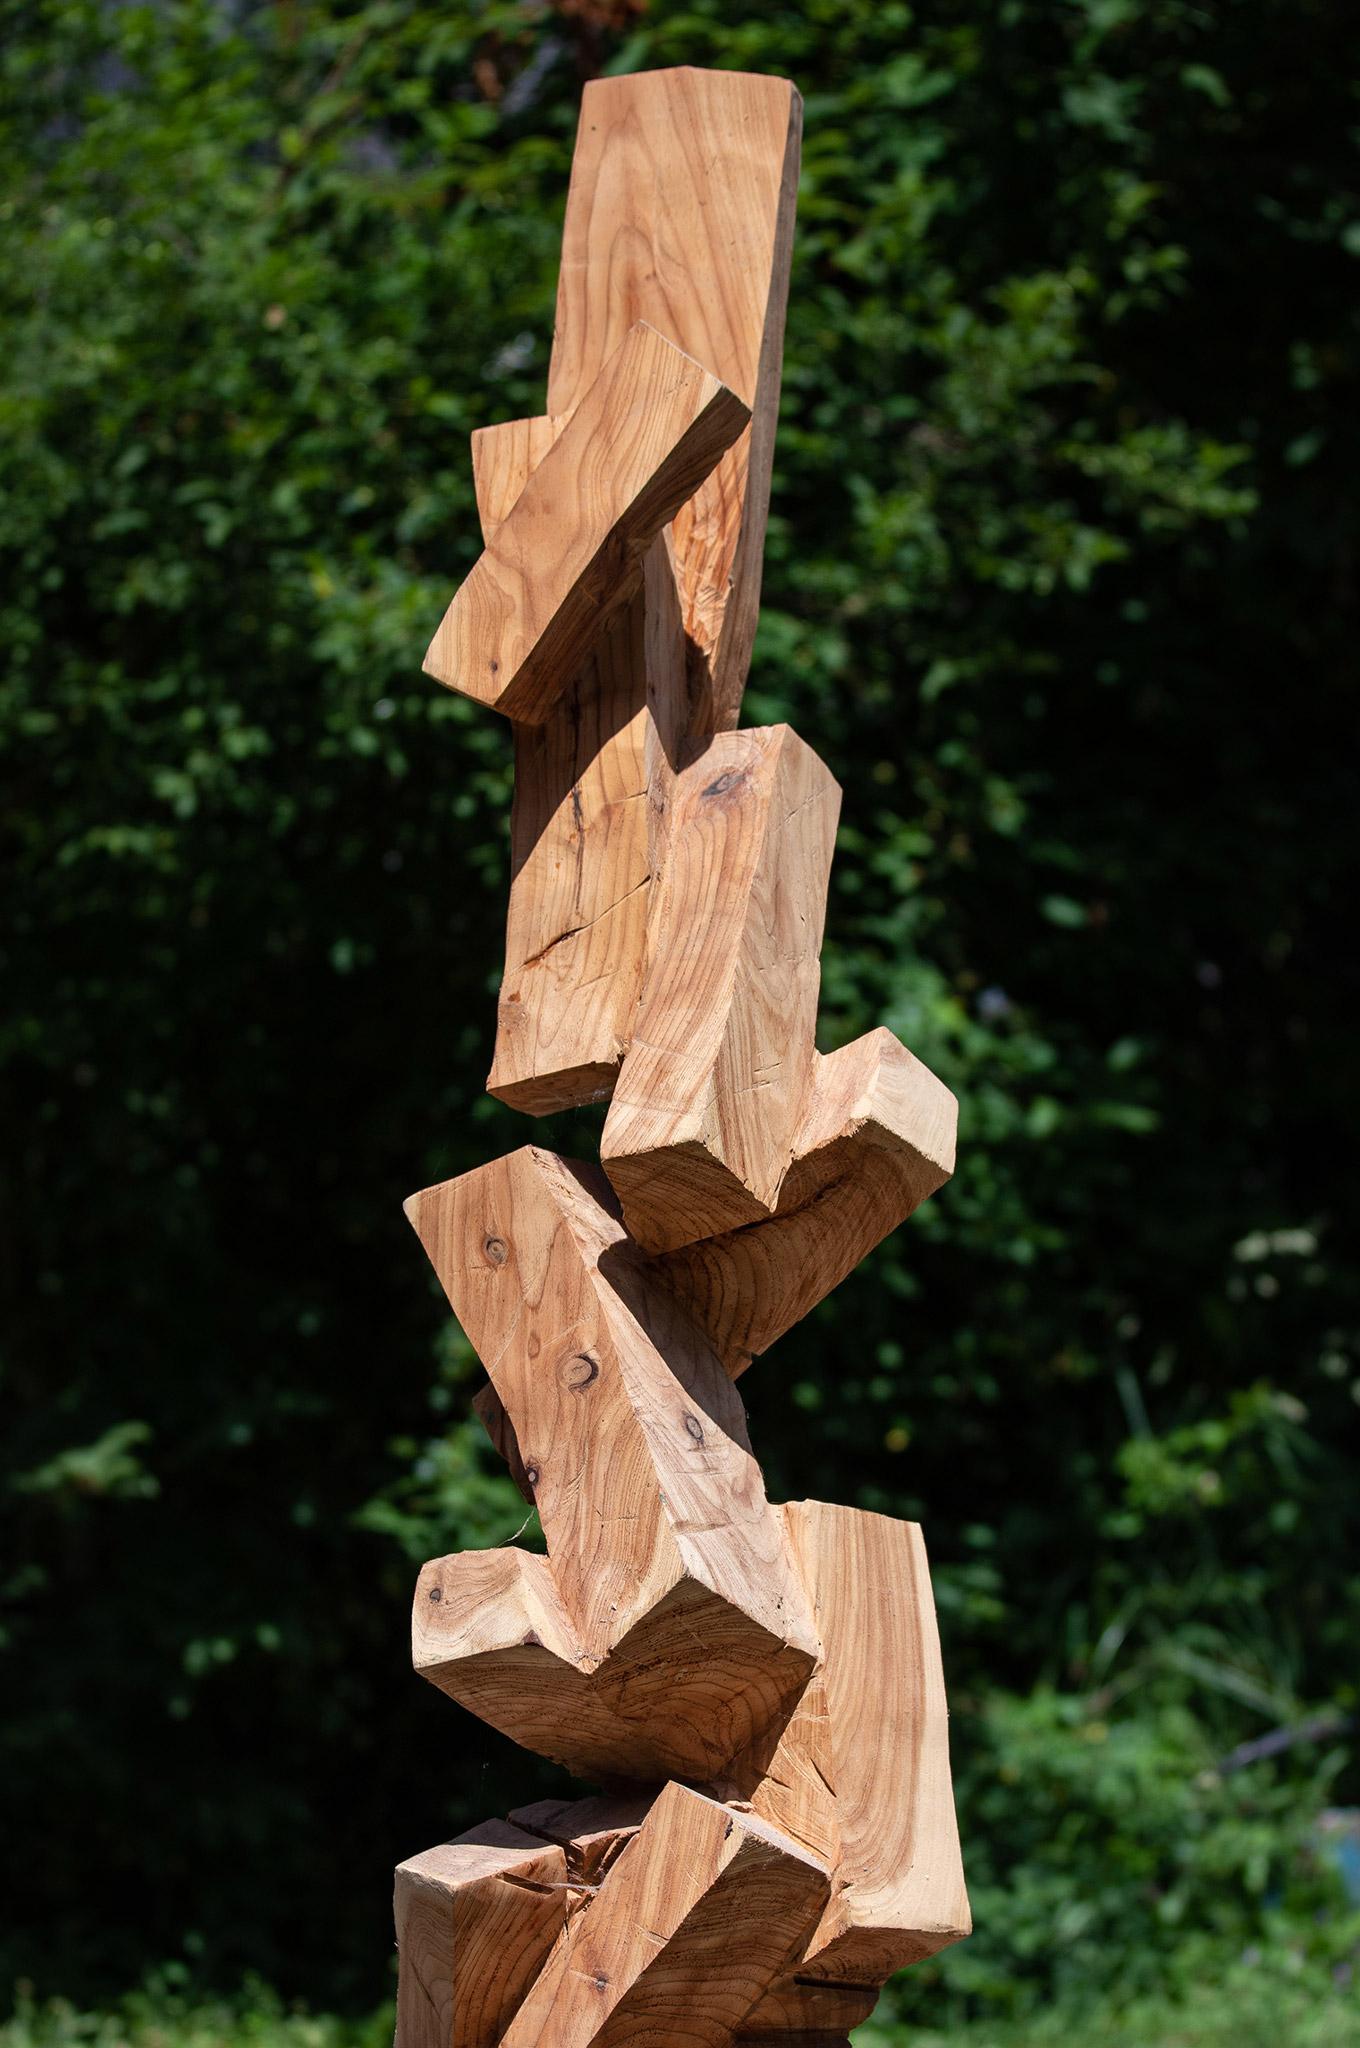 Lenngries-Kunstwoche-Hannes-Kinau-Holzskulpturen